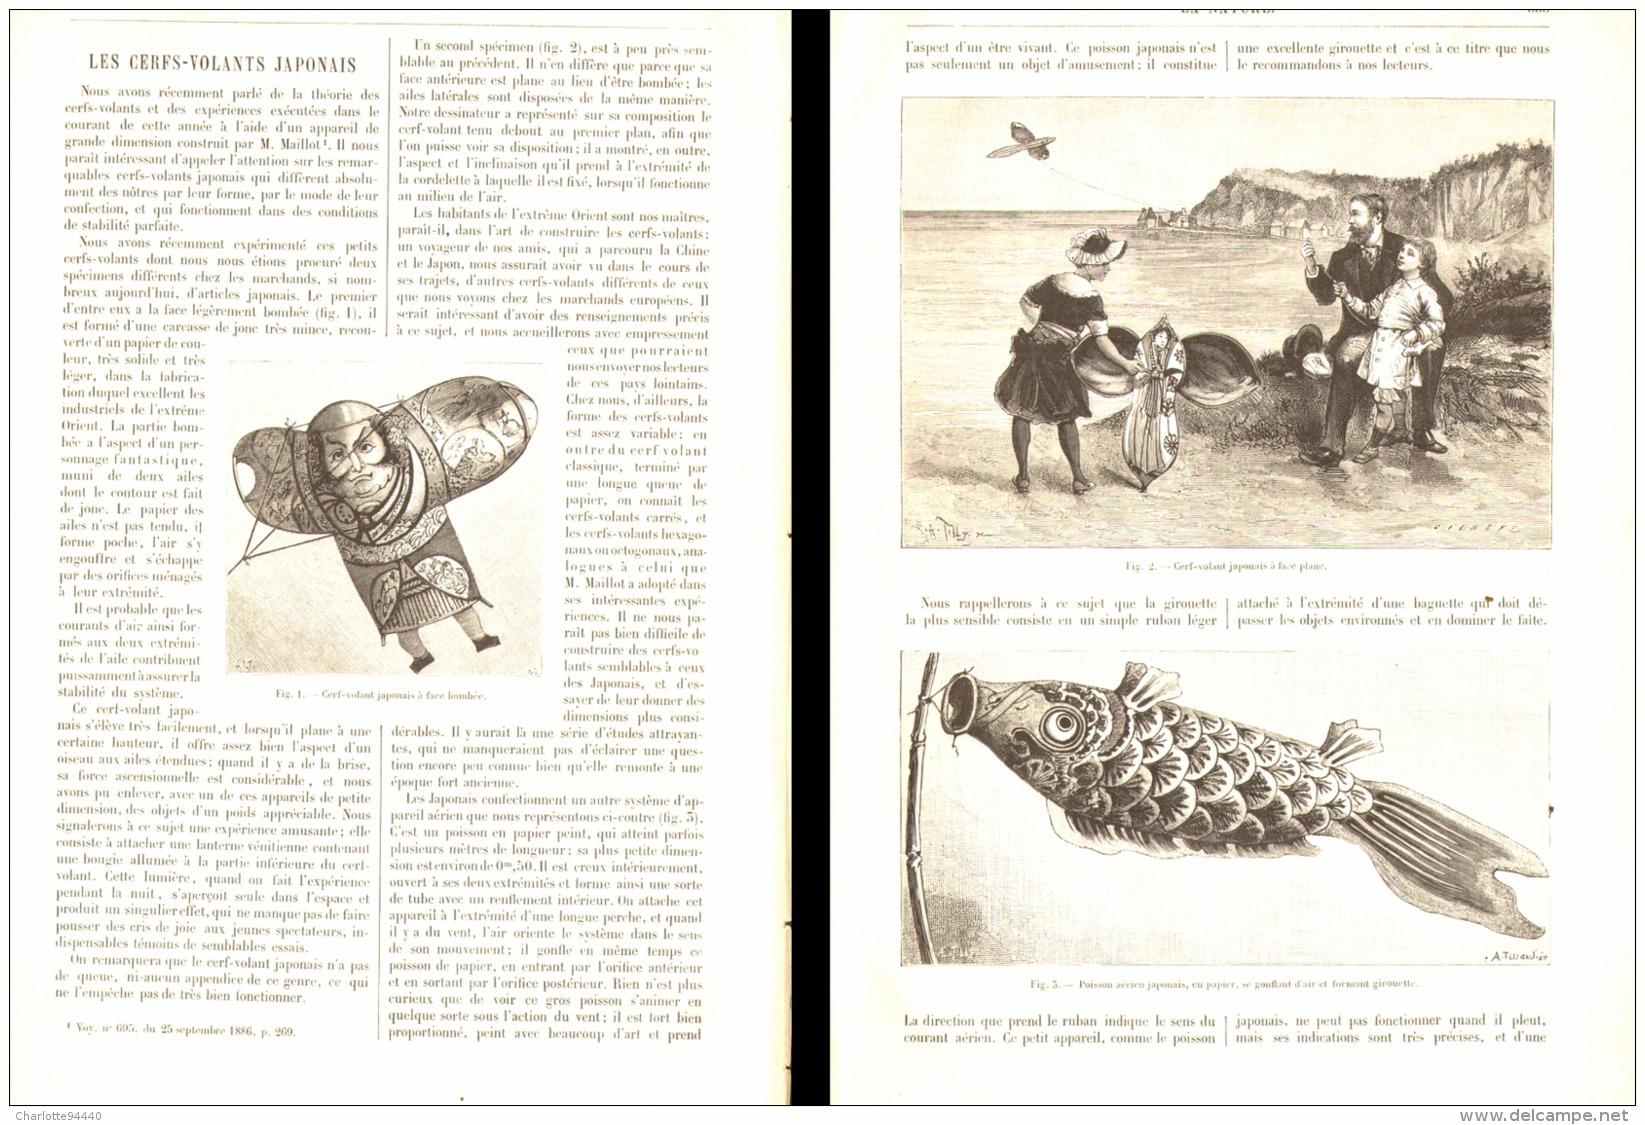 LES CERF-VOLANTS JAPONAIS 1887 - Other Collections